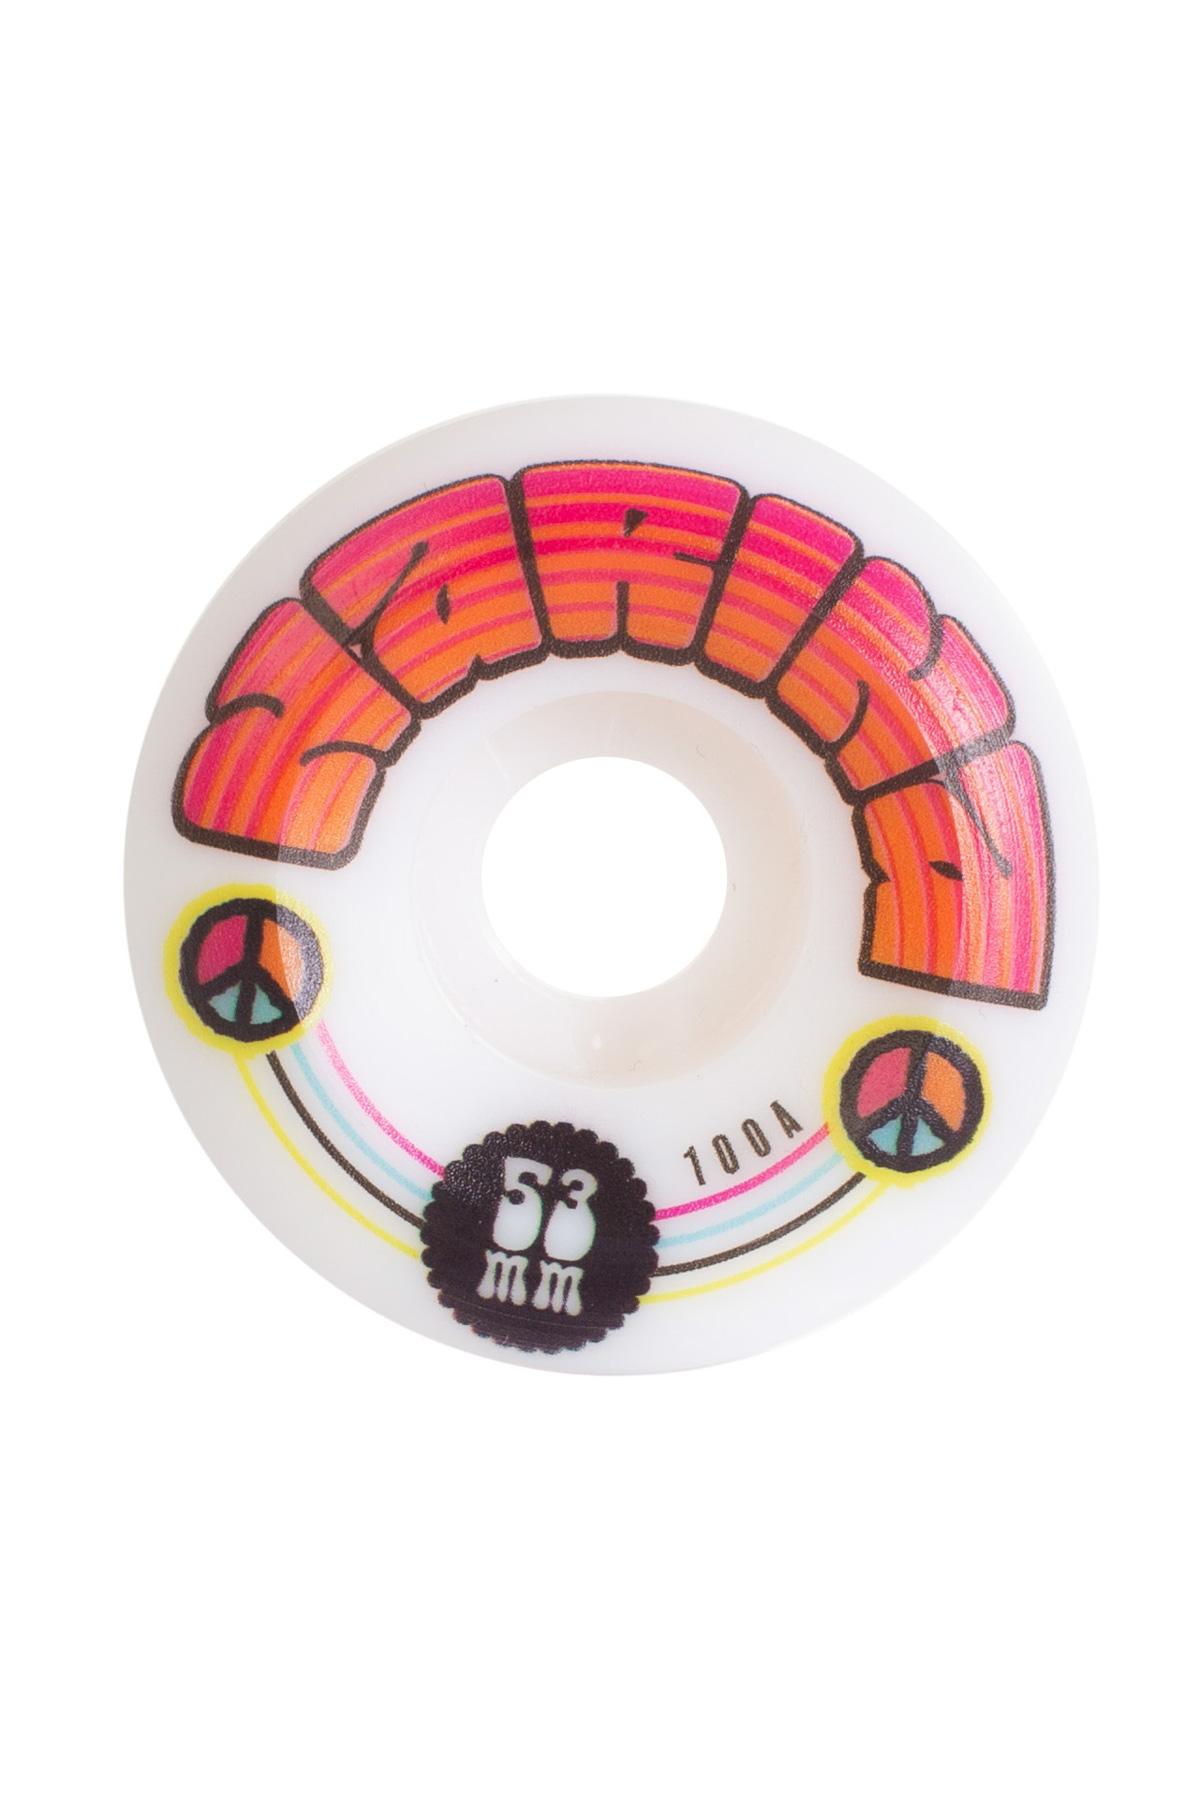 Roda Narina 53mm Psyc